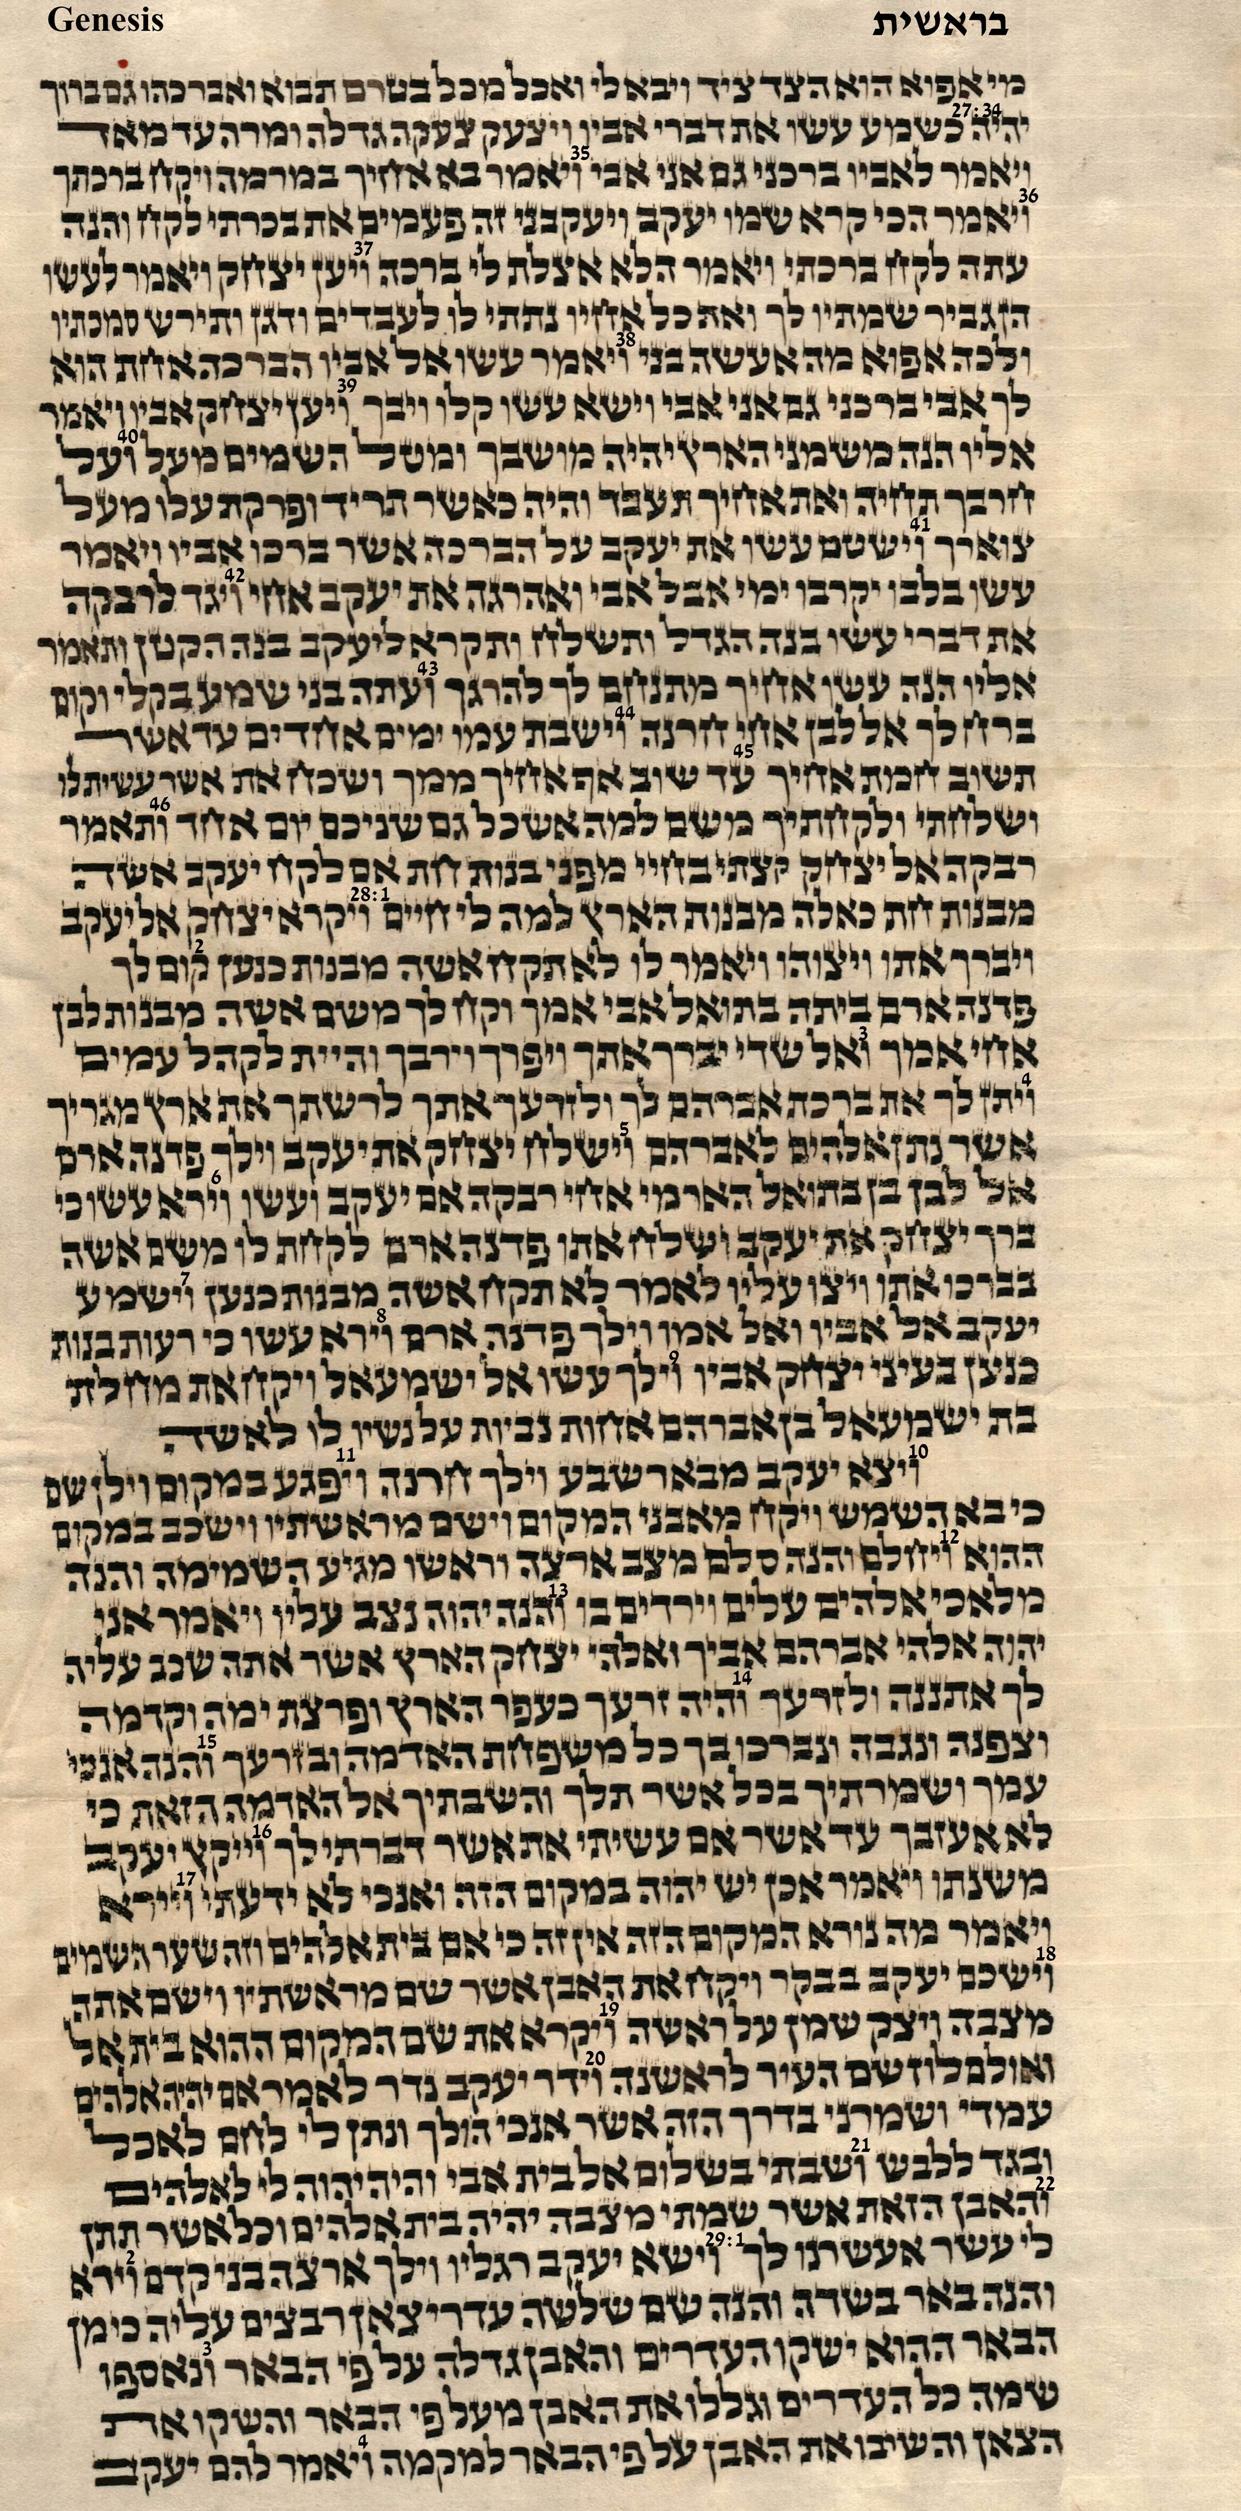 Genesis 27.34 - 29.4